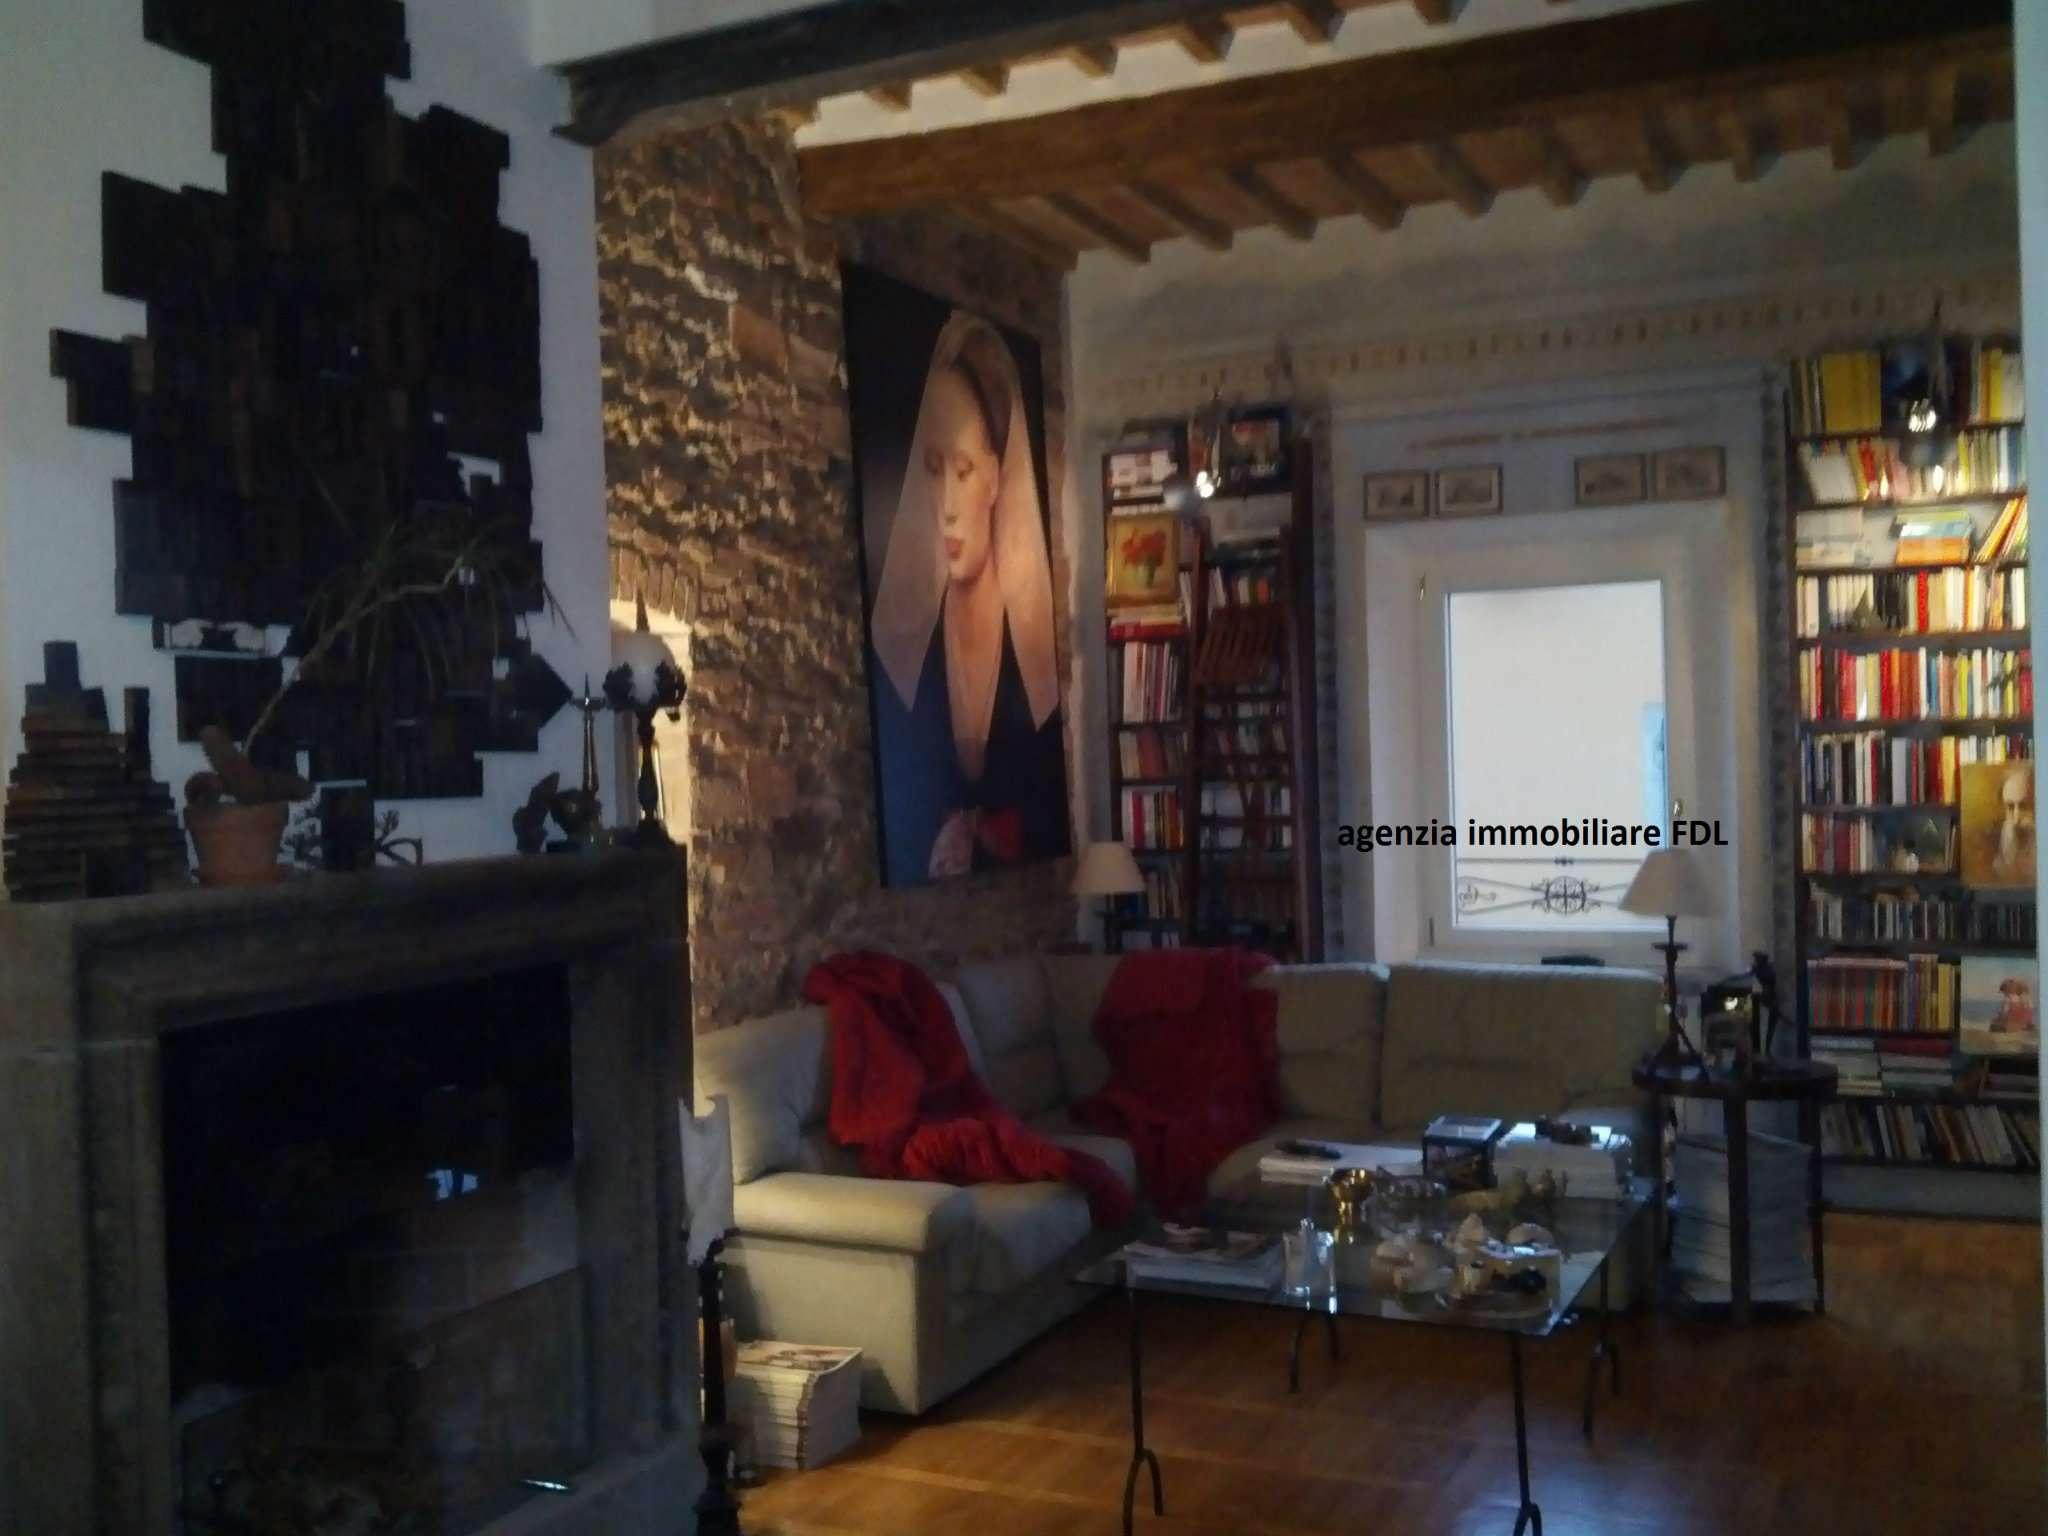 Attico / Mansarda in vendita a Casciana Terme Lari, 7 locali, prezzo € 300.000   PortaleAgenzieImmobiliari.it